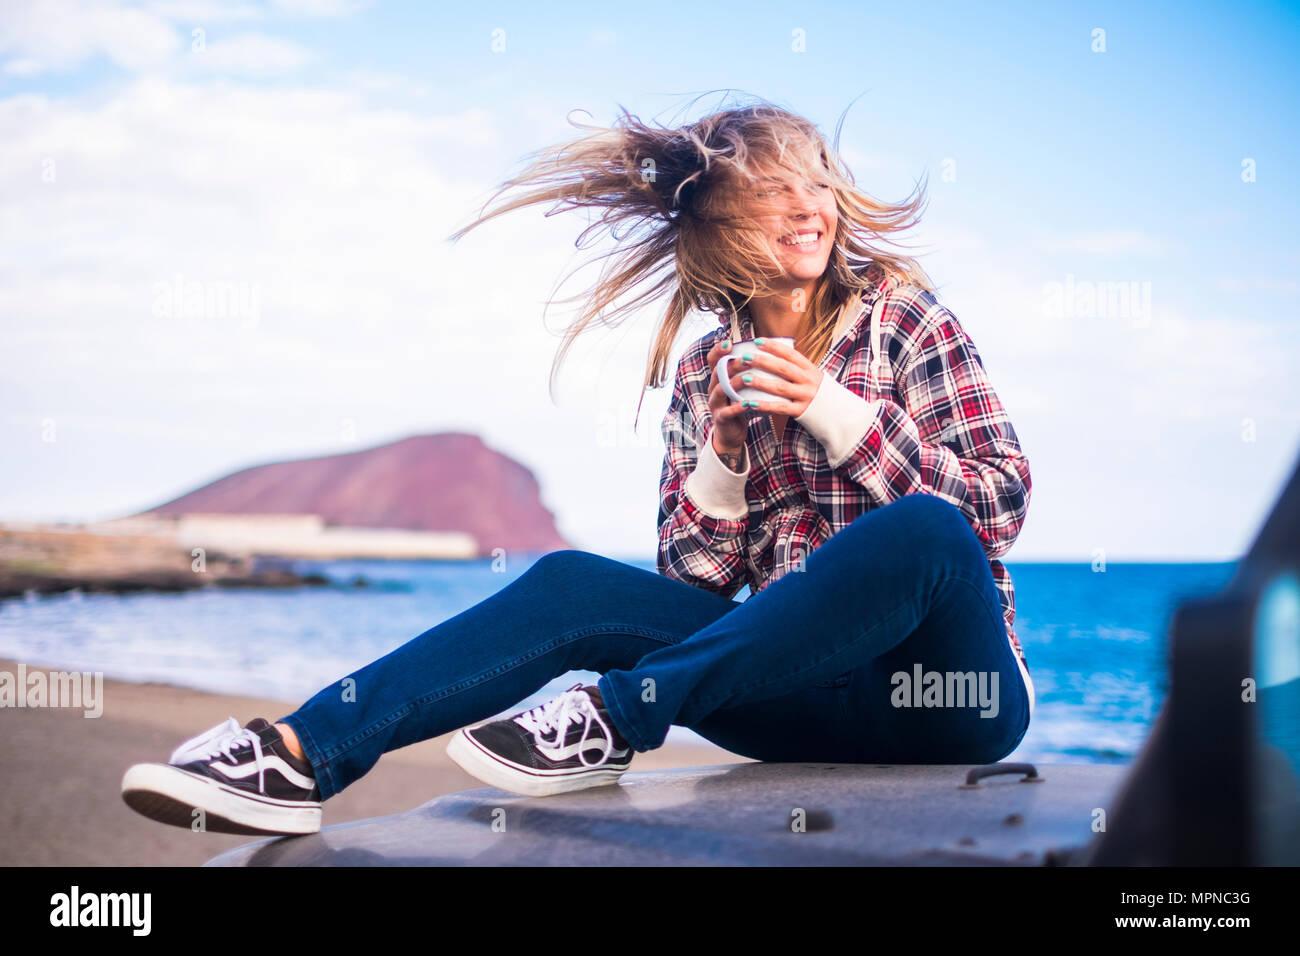 La liberté et vacances pour belle blonde portrait jeune femme assis sur le nez d'un off road voiture noire. Rétro-éclairage et de la lumière du soleil à wa Photo Stock